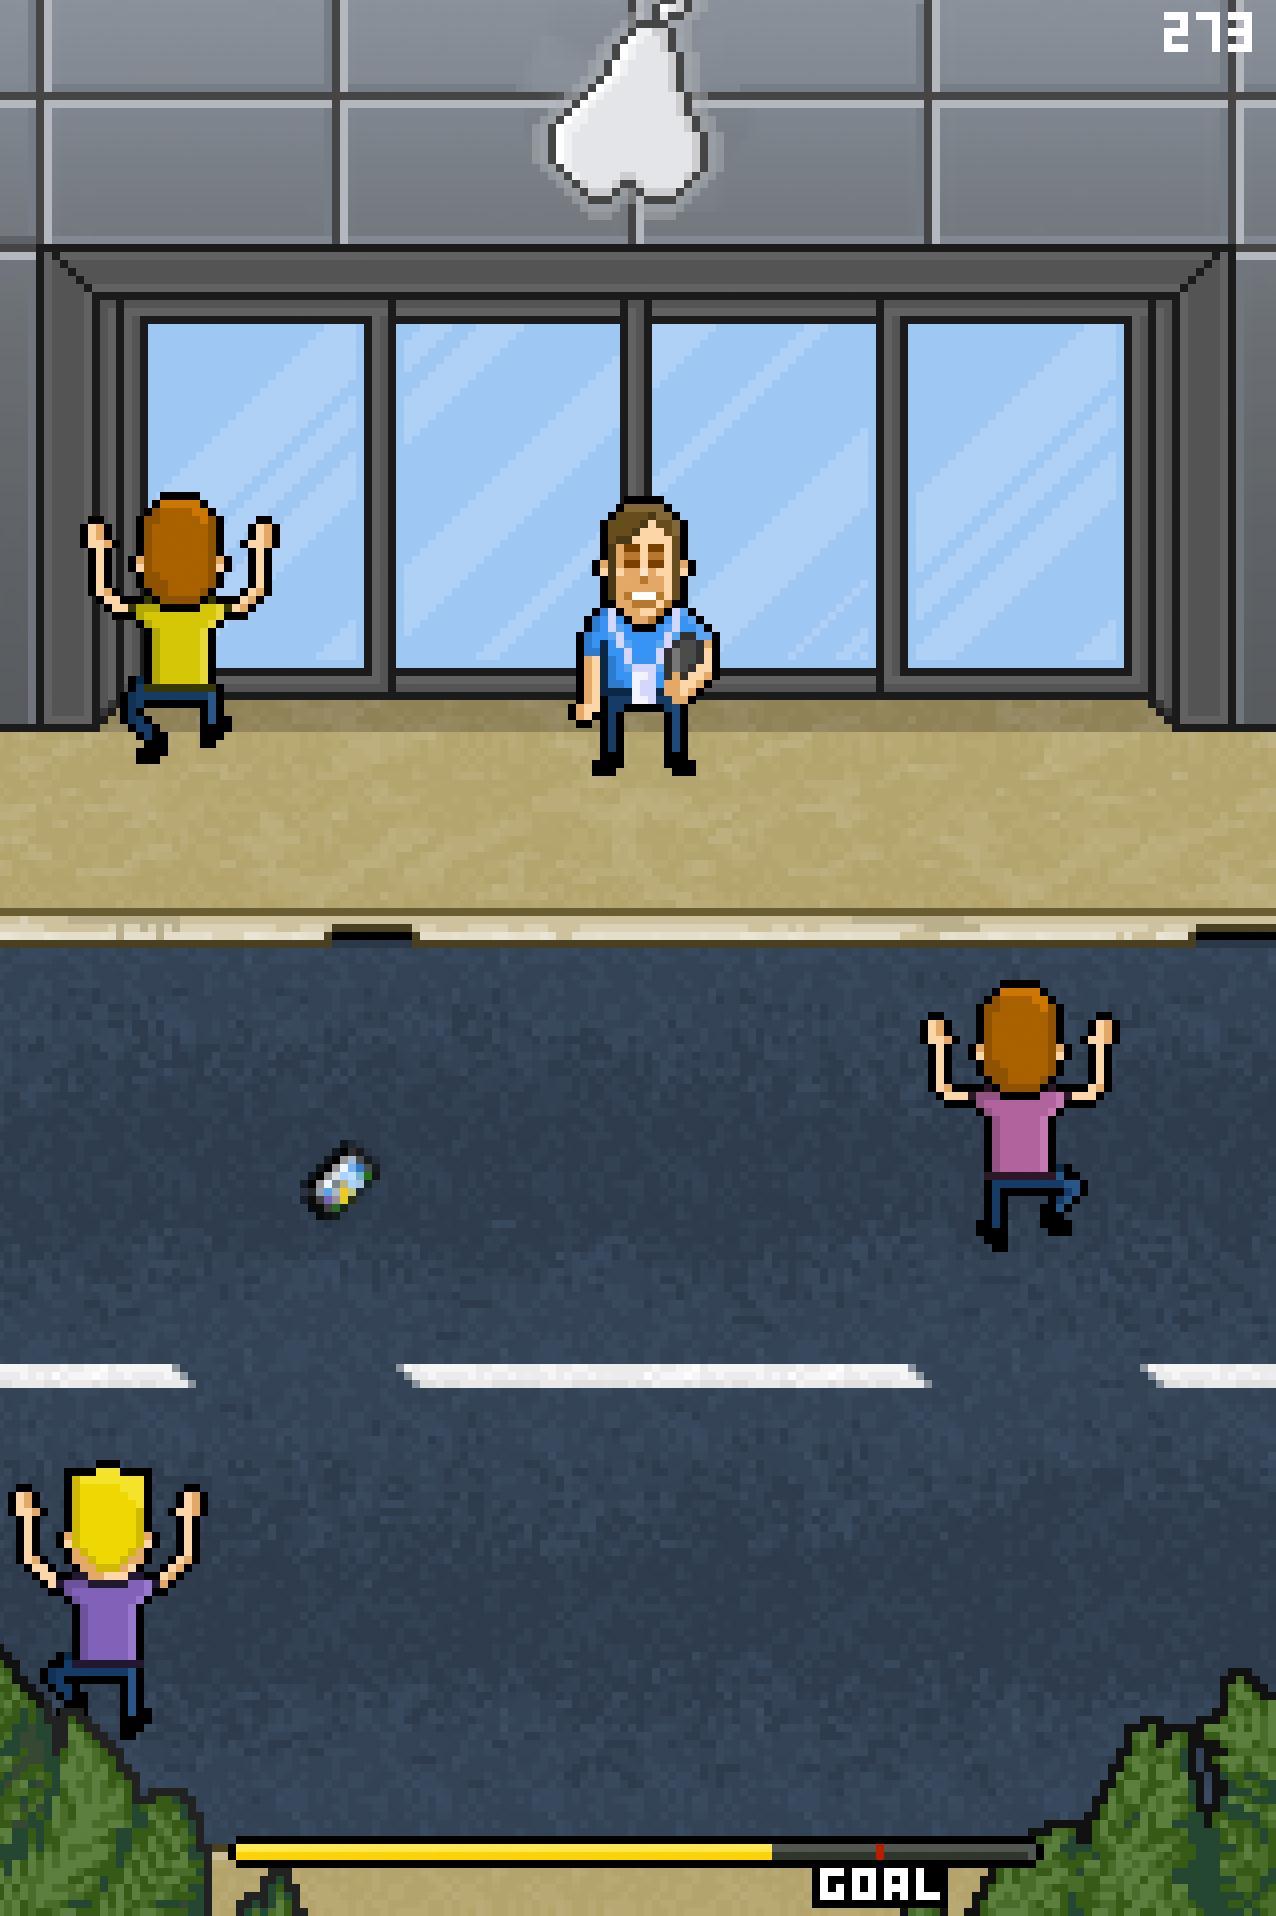 Ausschnitt aus einem Computerspiel: kleine Männchen vor einem Handy-Laden